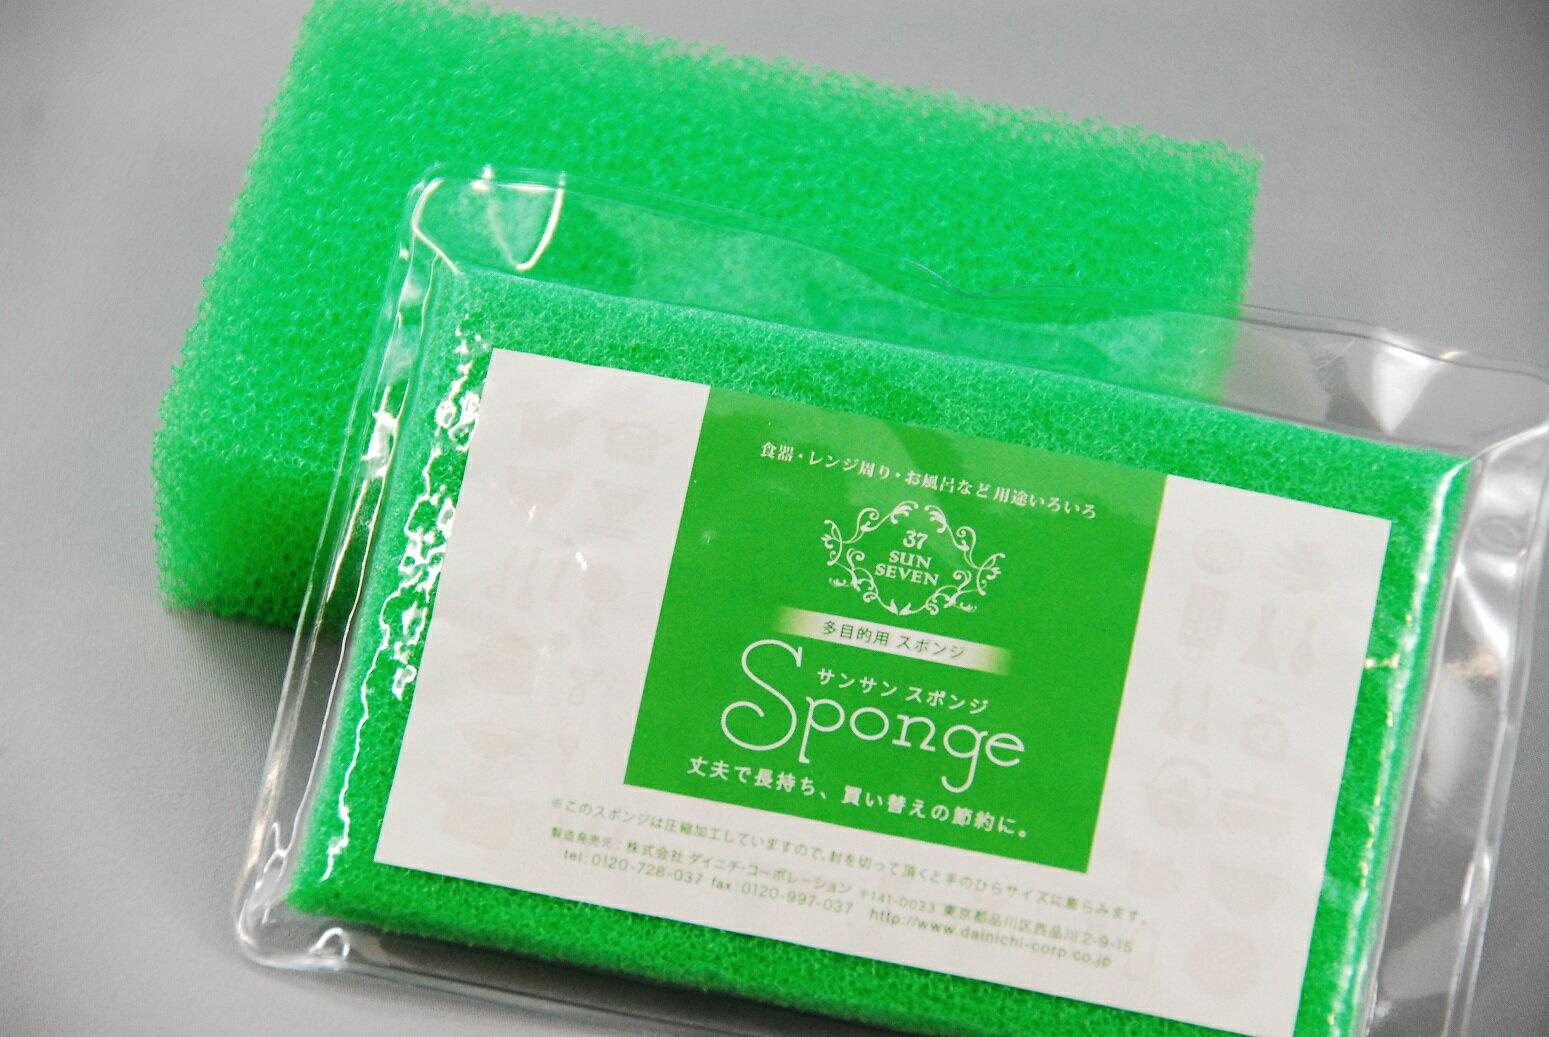 〇日本製【送料無料】緑のキッチン用サンサンスポンジ30個セット6/12スポンジデイリーランキング2位獲得!へたらない即乾カレー染まらず。みんなでシェアー!